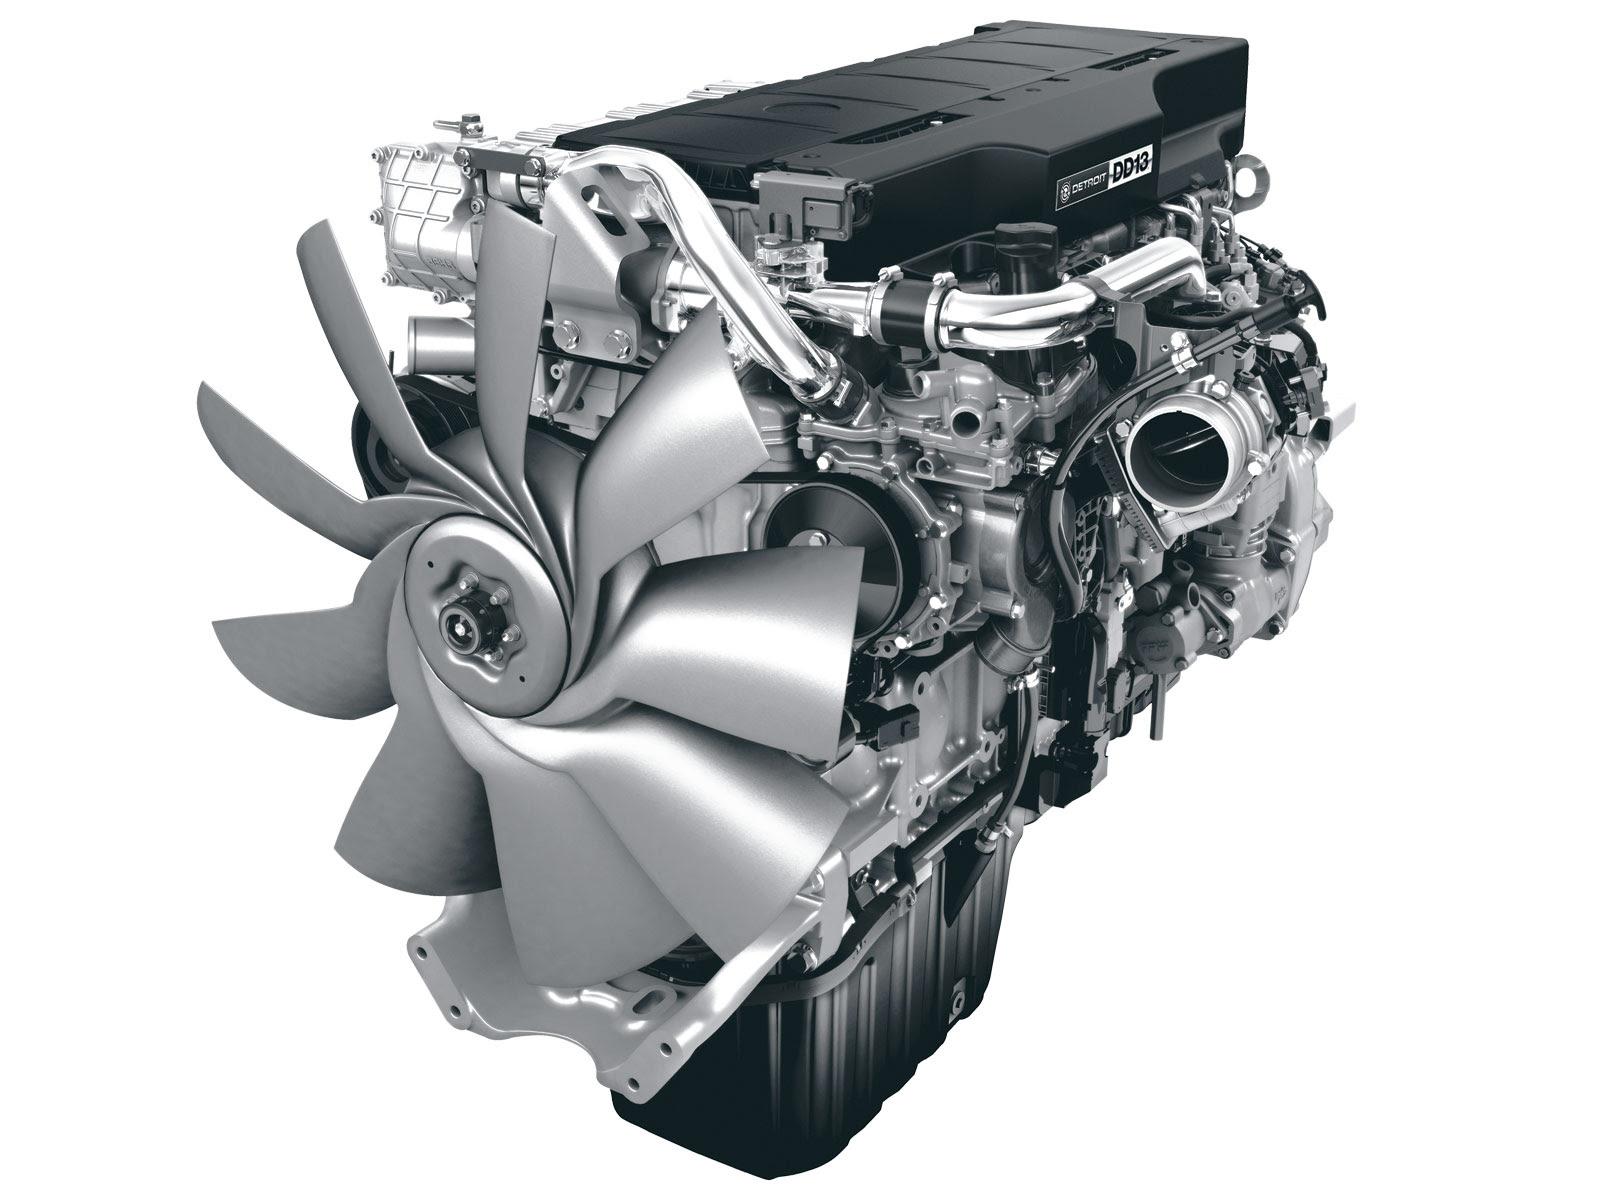 Diesel Engine Wallpaper - WallpaperSafari